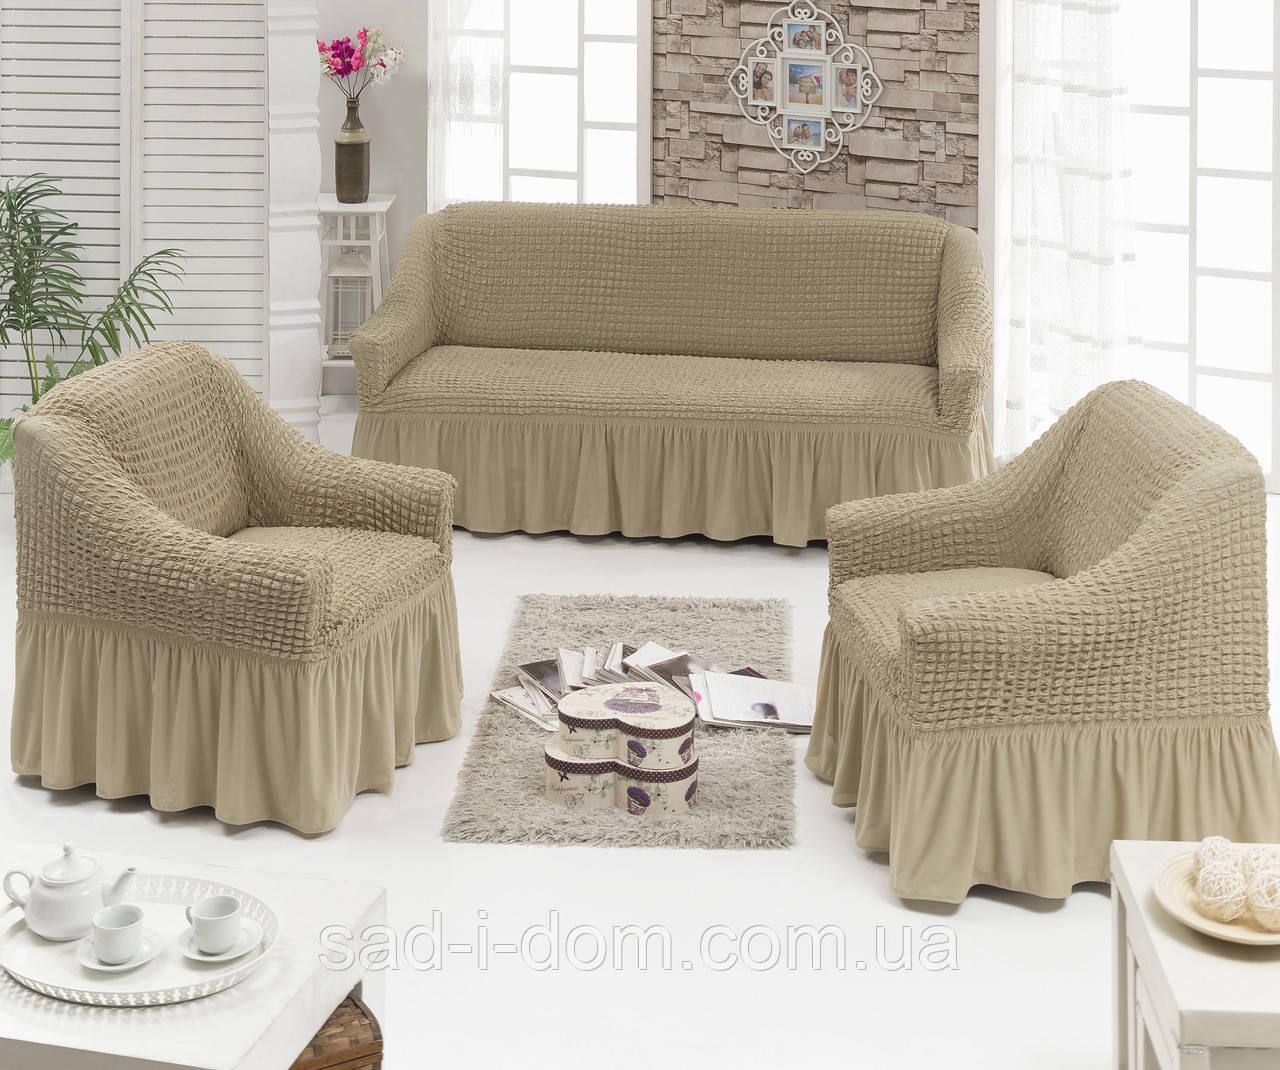 Чехол на диван и два кресла, какао